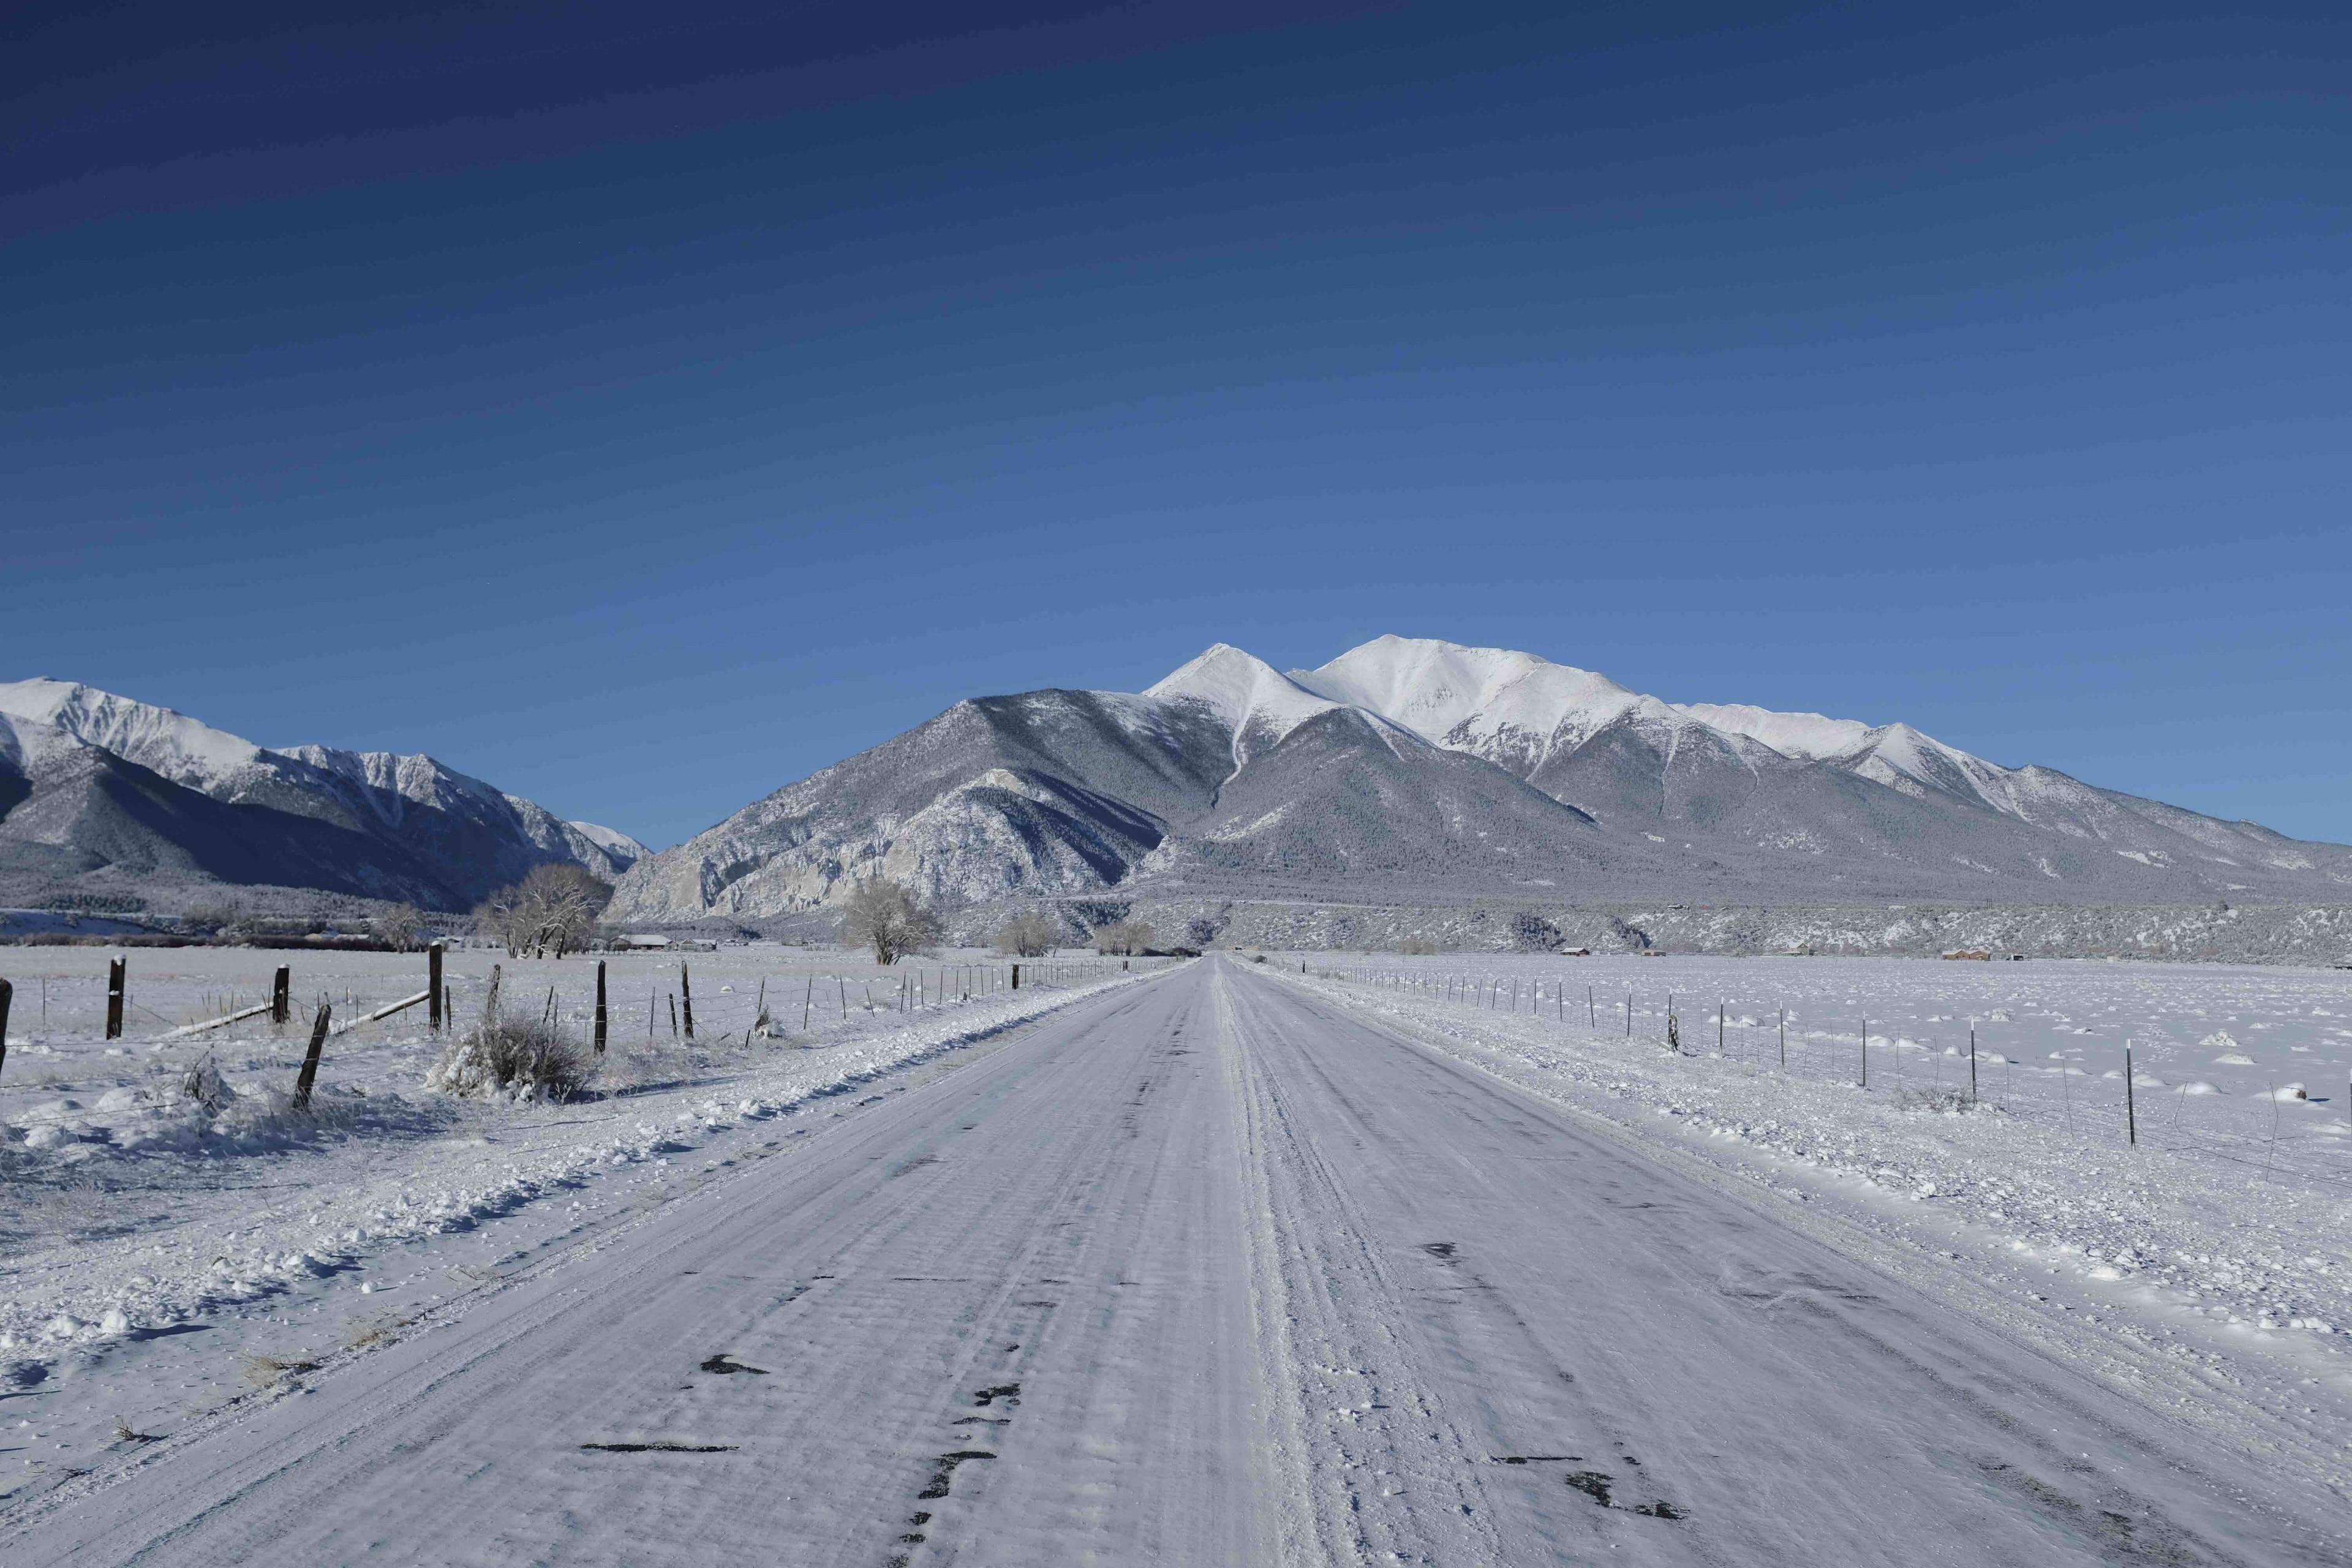 Nathrop, Colorado, United States of America